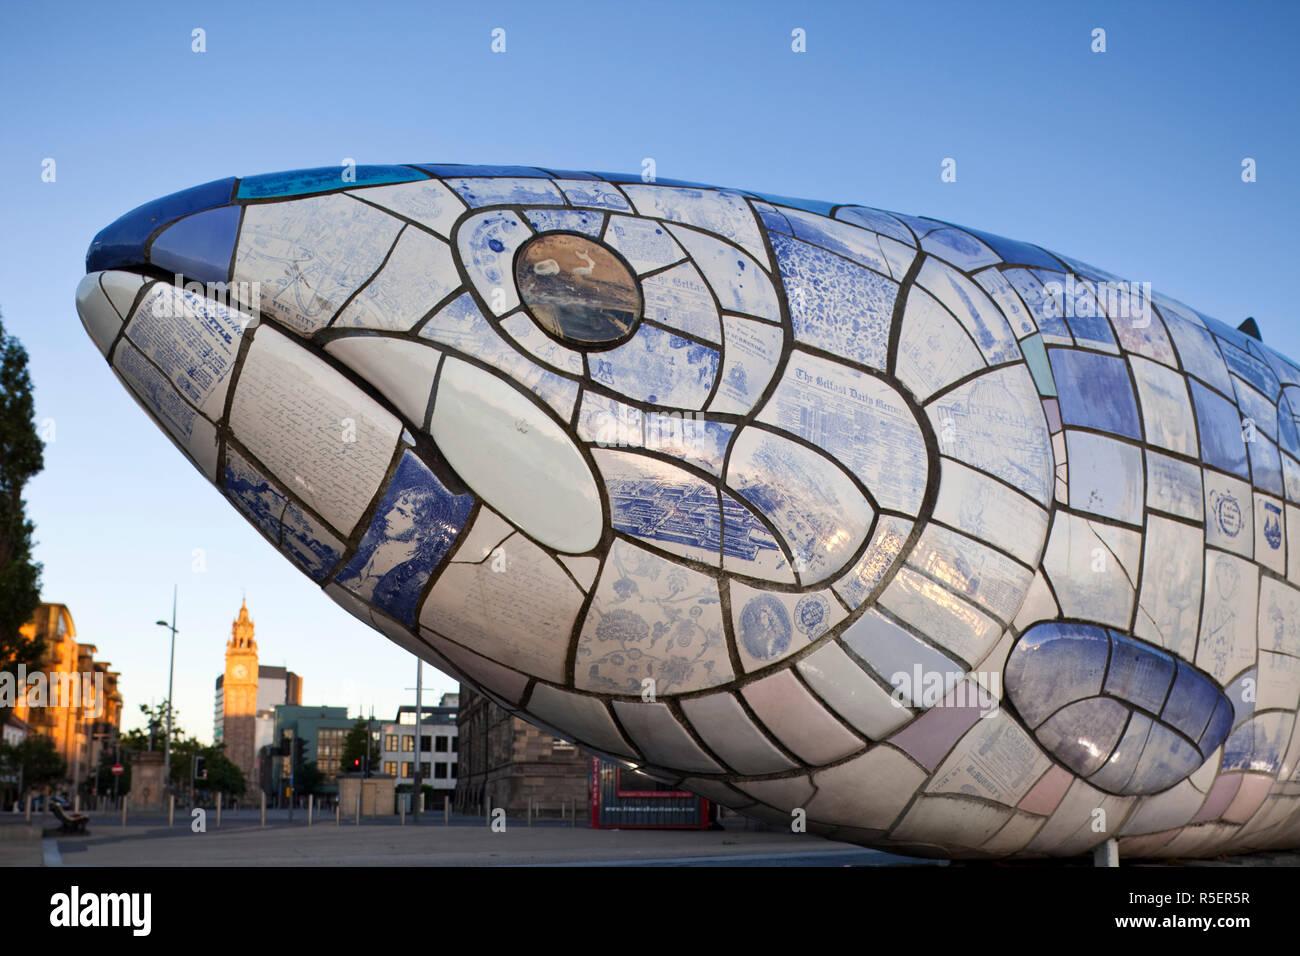 Irlanda del Norte, Belfast, el pez grande por John amabilidad en Donegall Quay Foto de stock